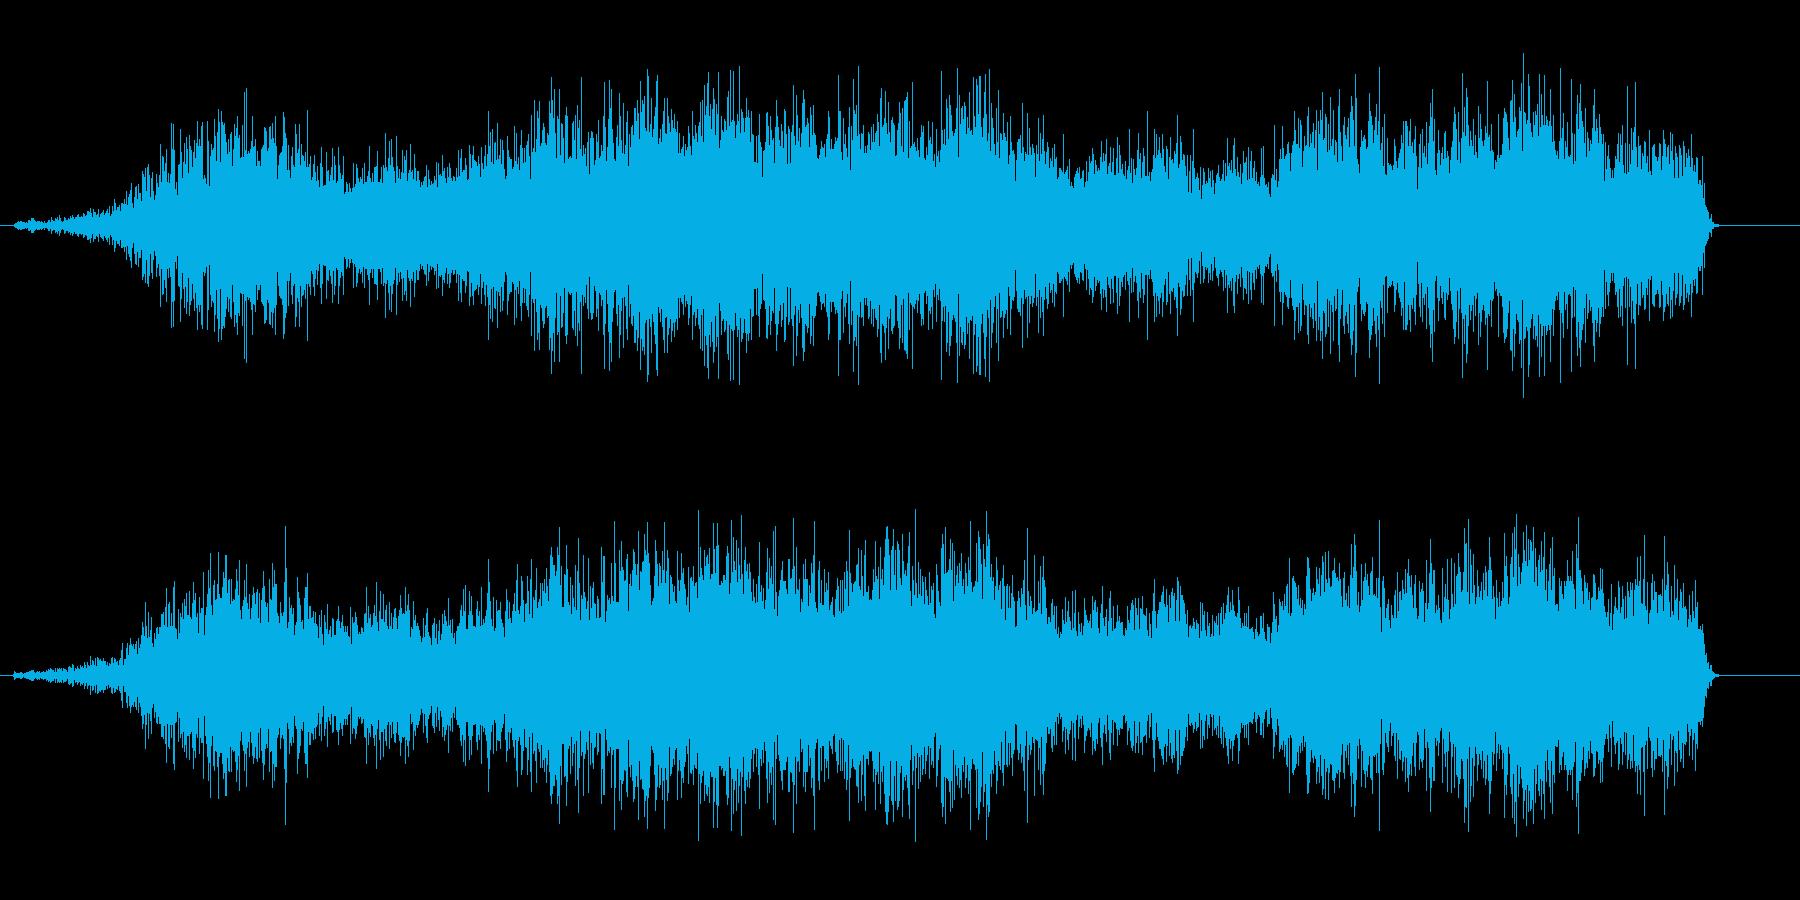 シュルルル(回転音)の再生済みの波形